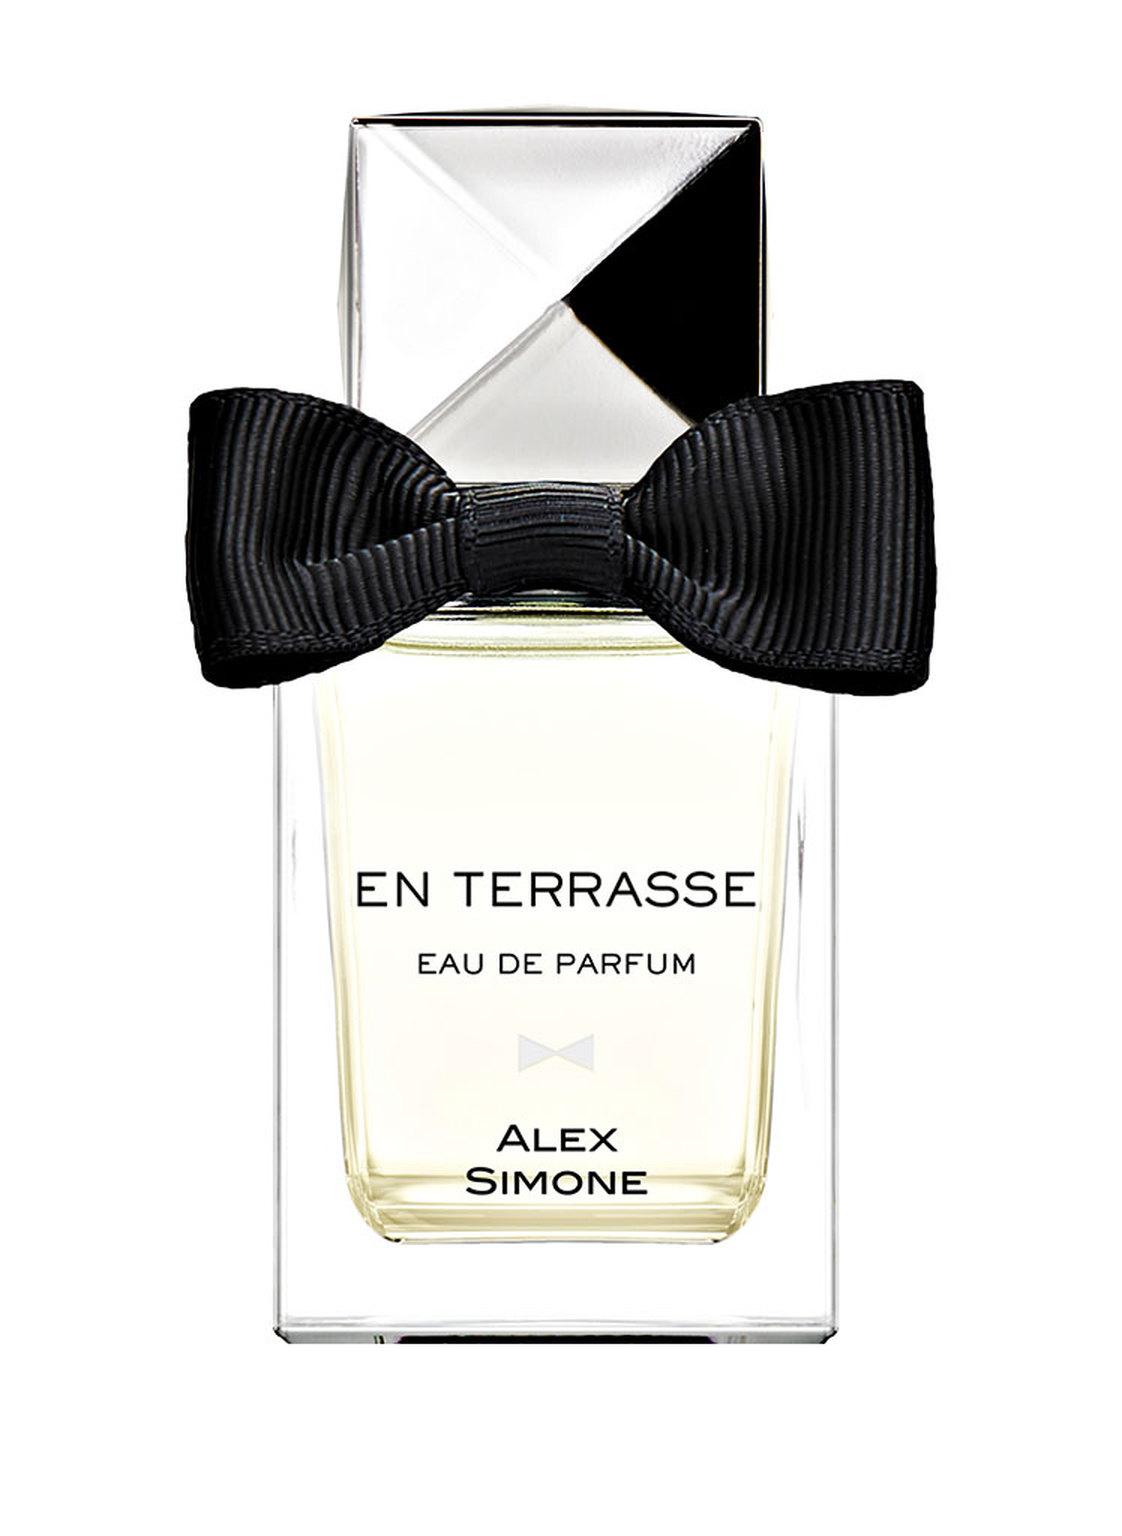 Image of Alex Simone En Terasse Eau de Parfum 30 ml